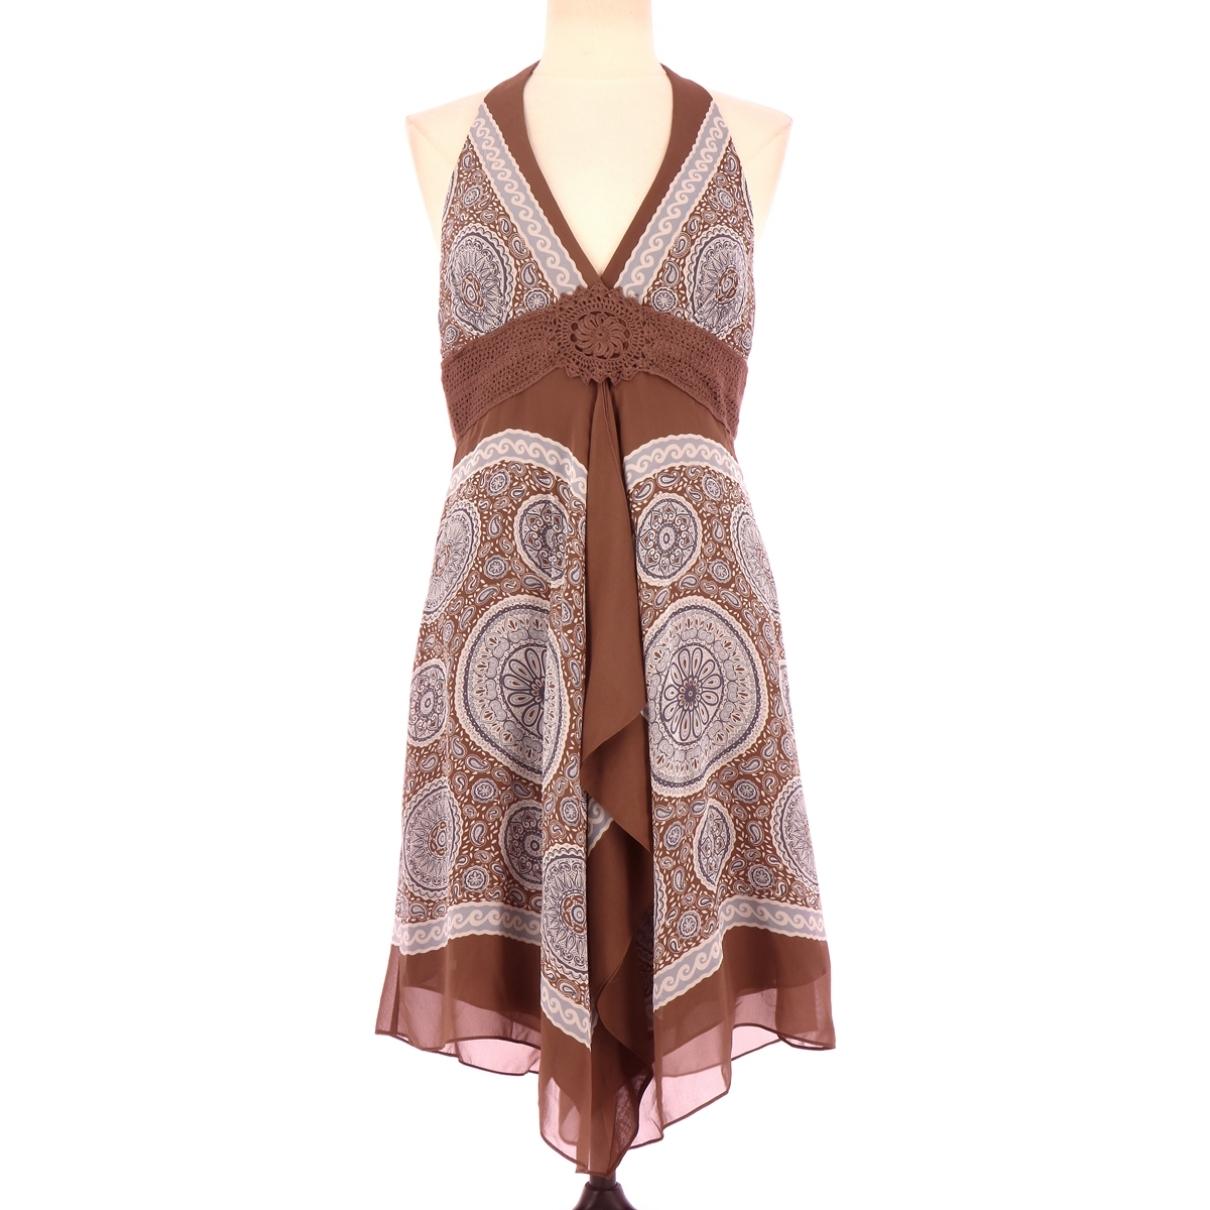 Vestido de Seda Bcbg Max Azria